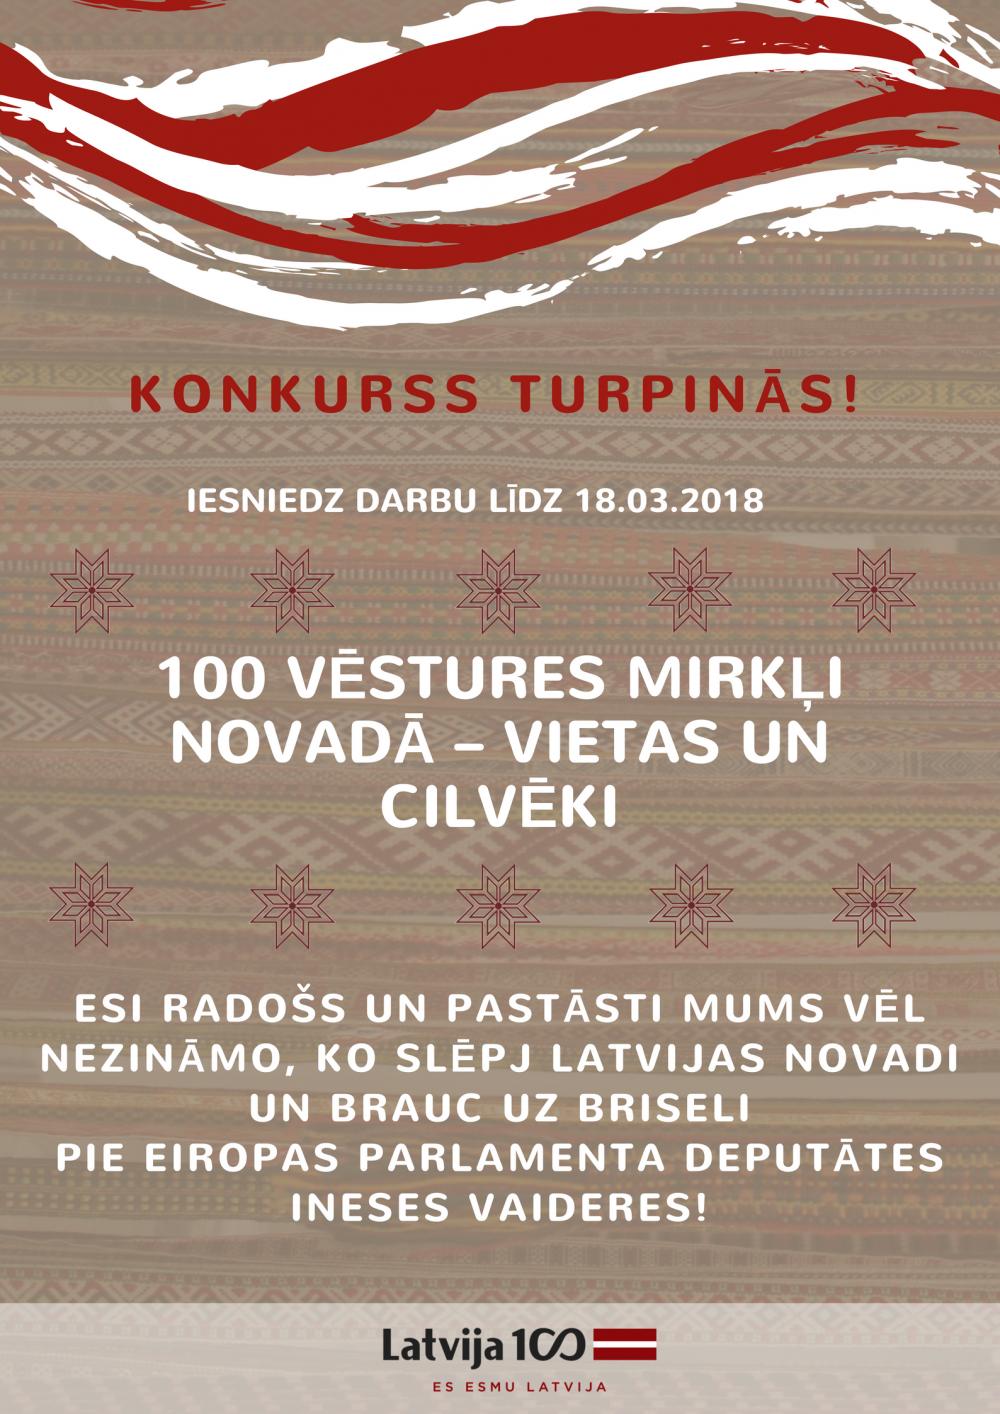 100 vēstures mirkļi novadā – vietas un cilvēki_17.01